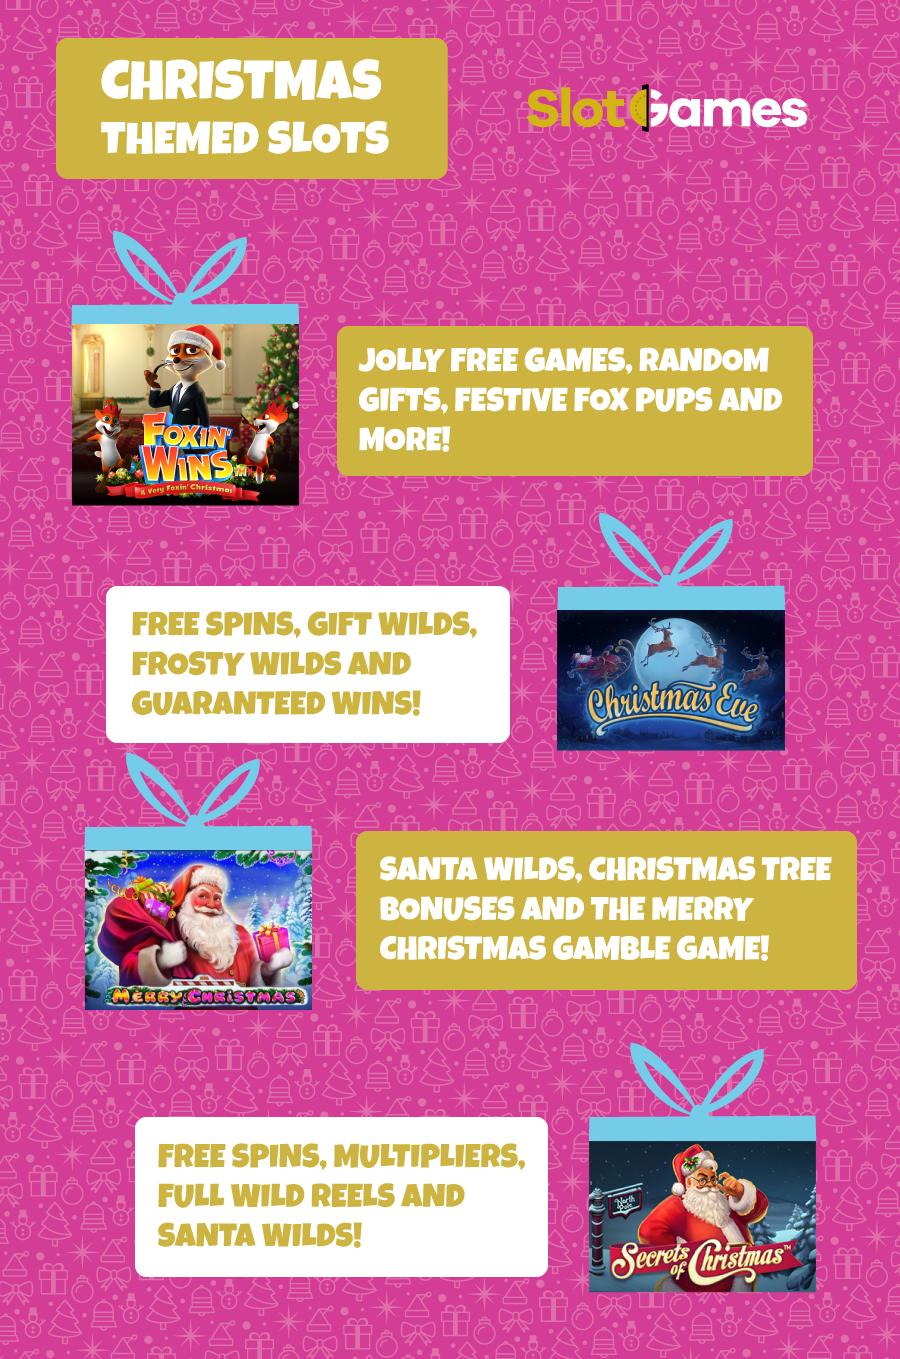 Christmas themed slot games